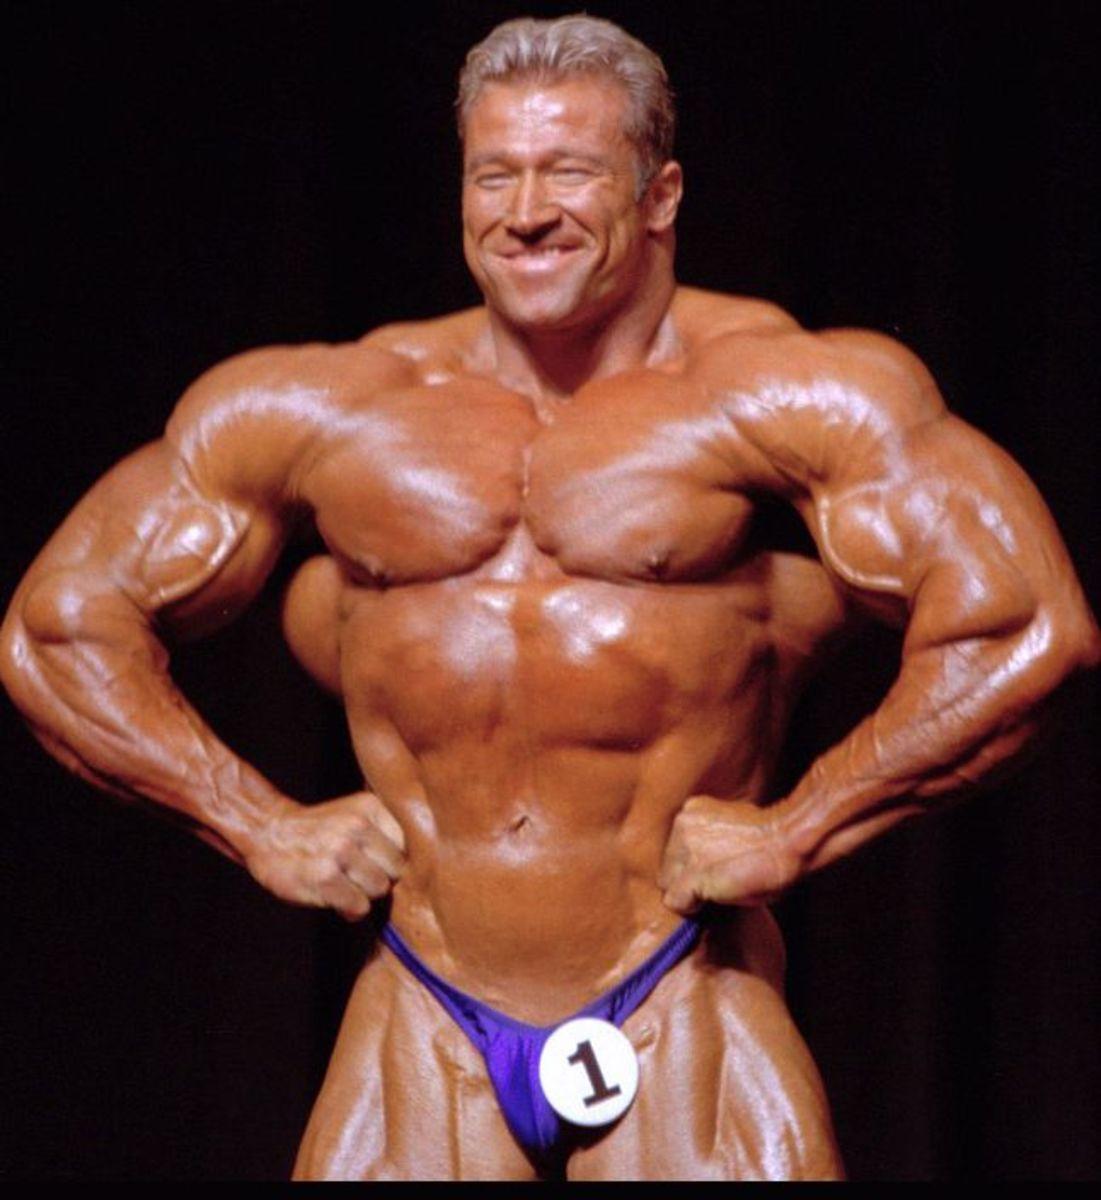 bodybuilder-workouts